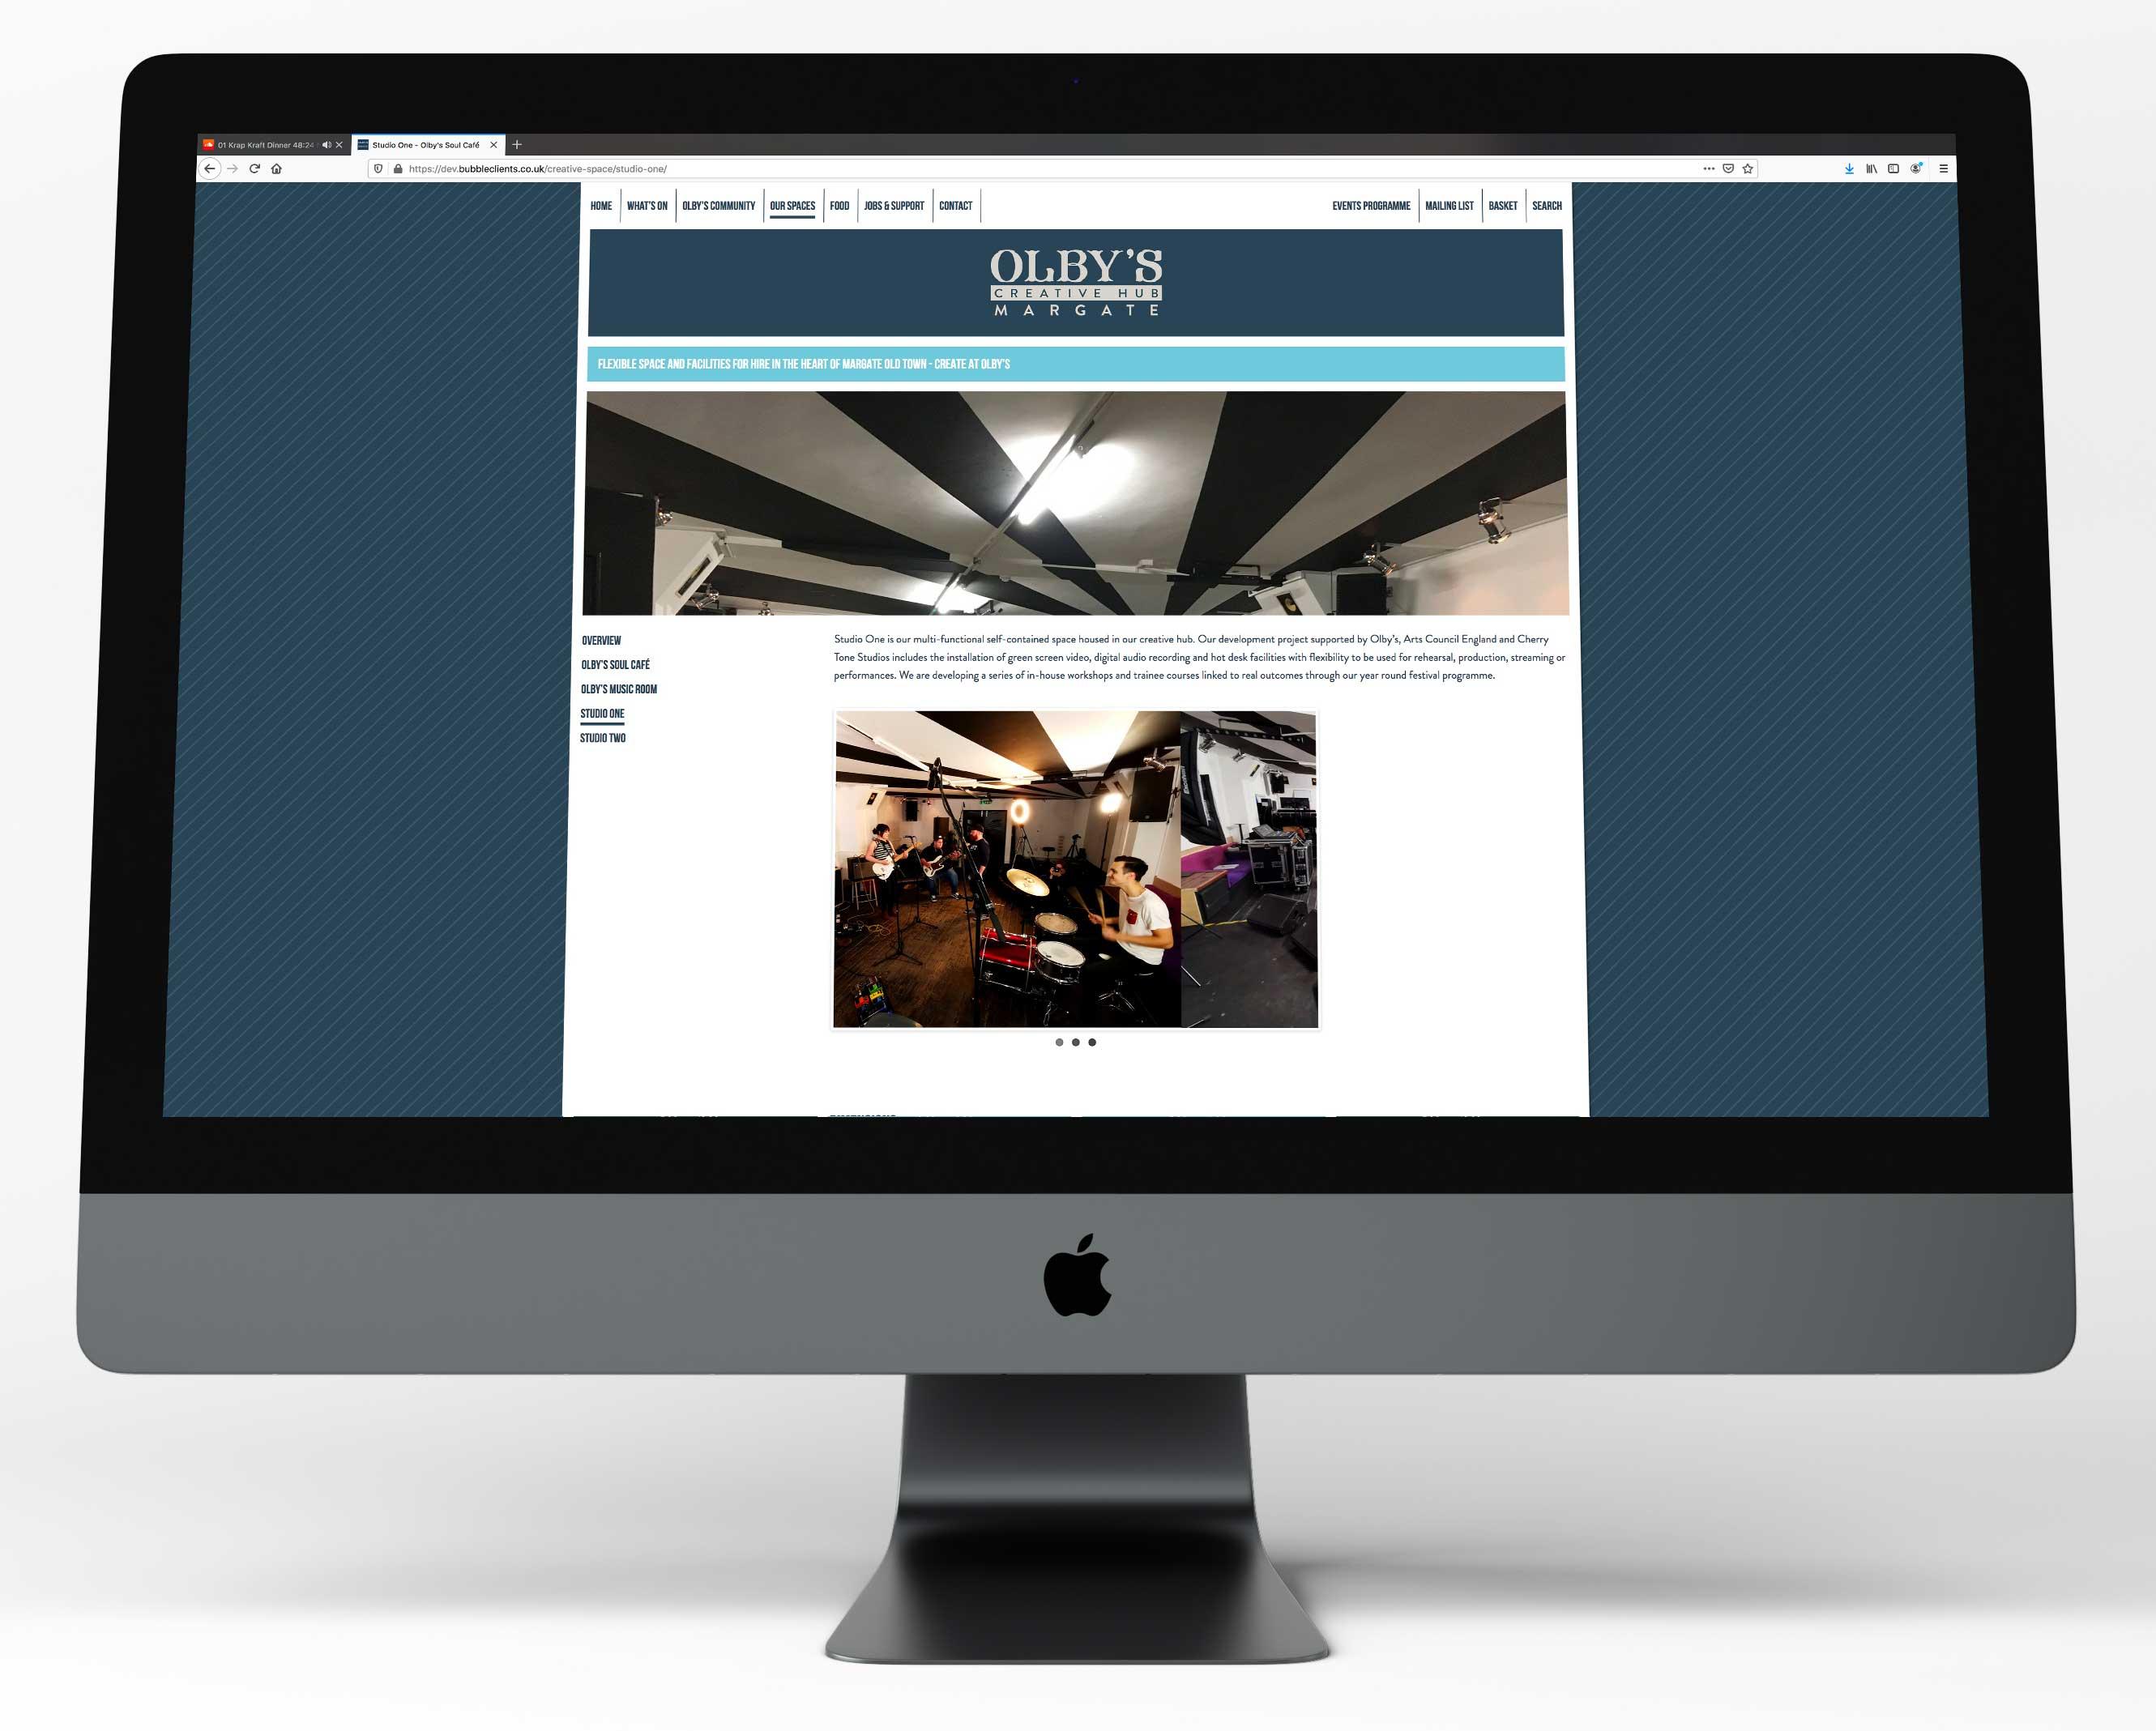 Olbys website - spaces